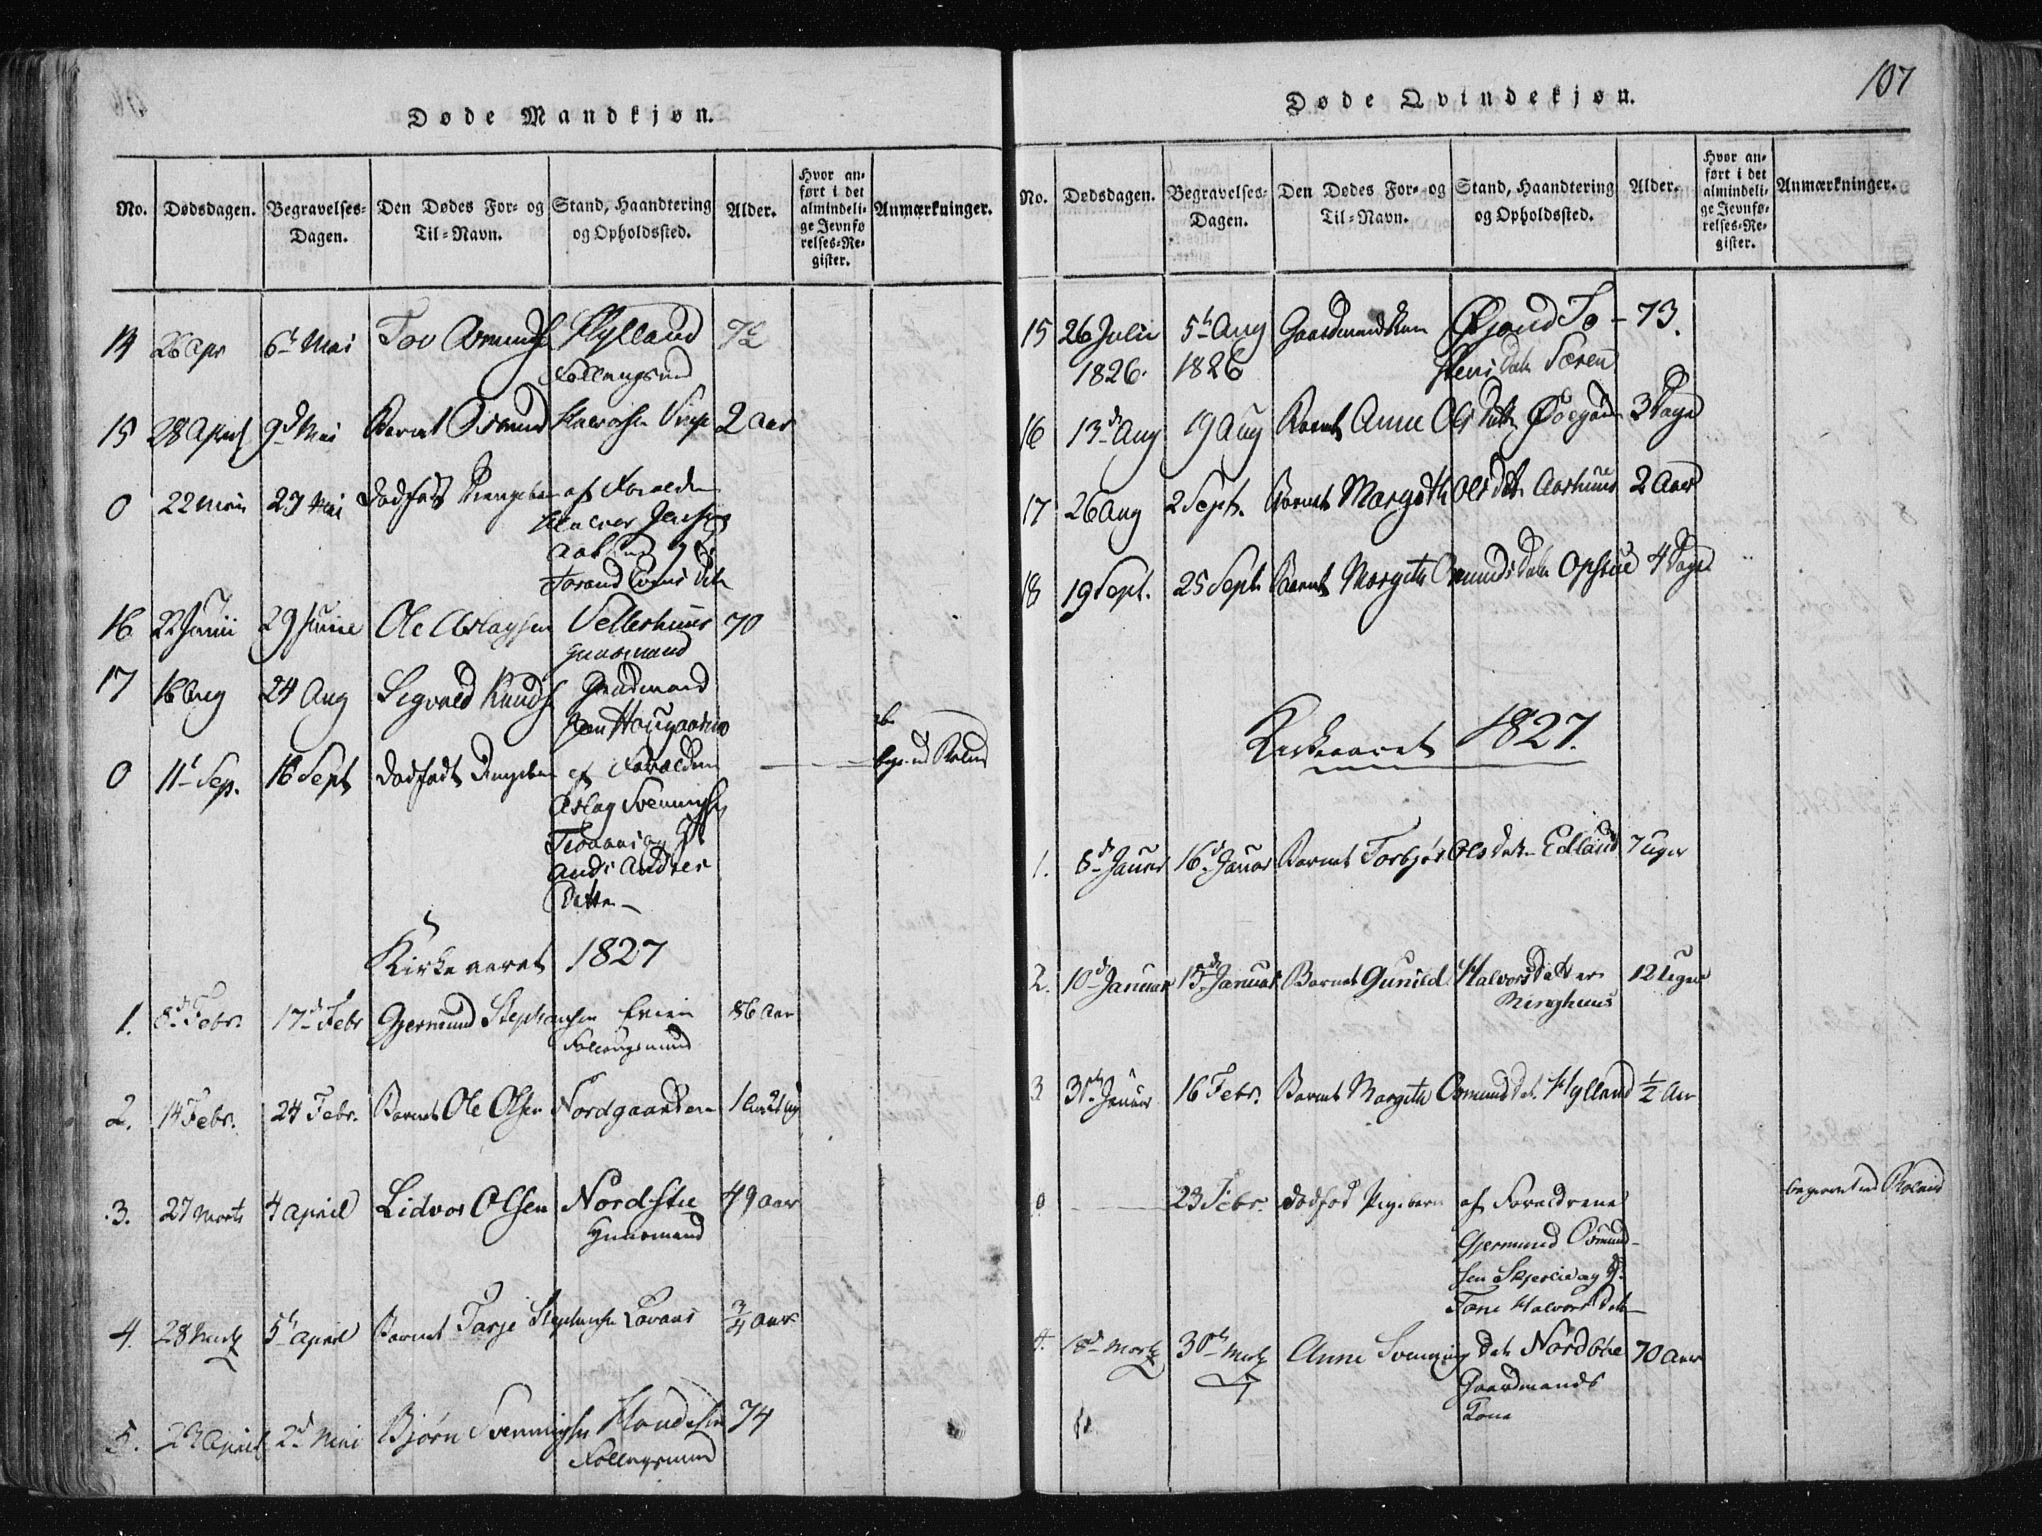 SAKO, Vinje kirkebøker, F/Fa/L0003: Ministerialbok nr. I 3, 1814-1843, s. 107